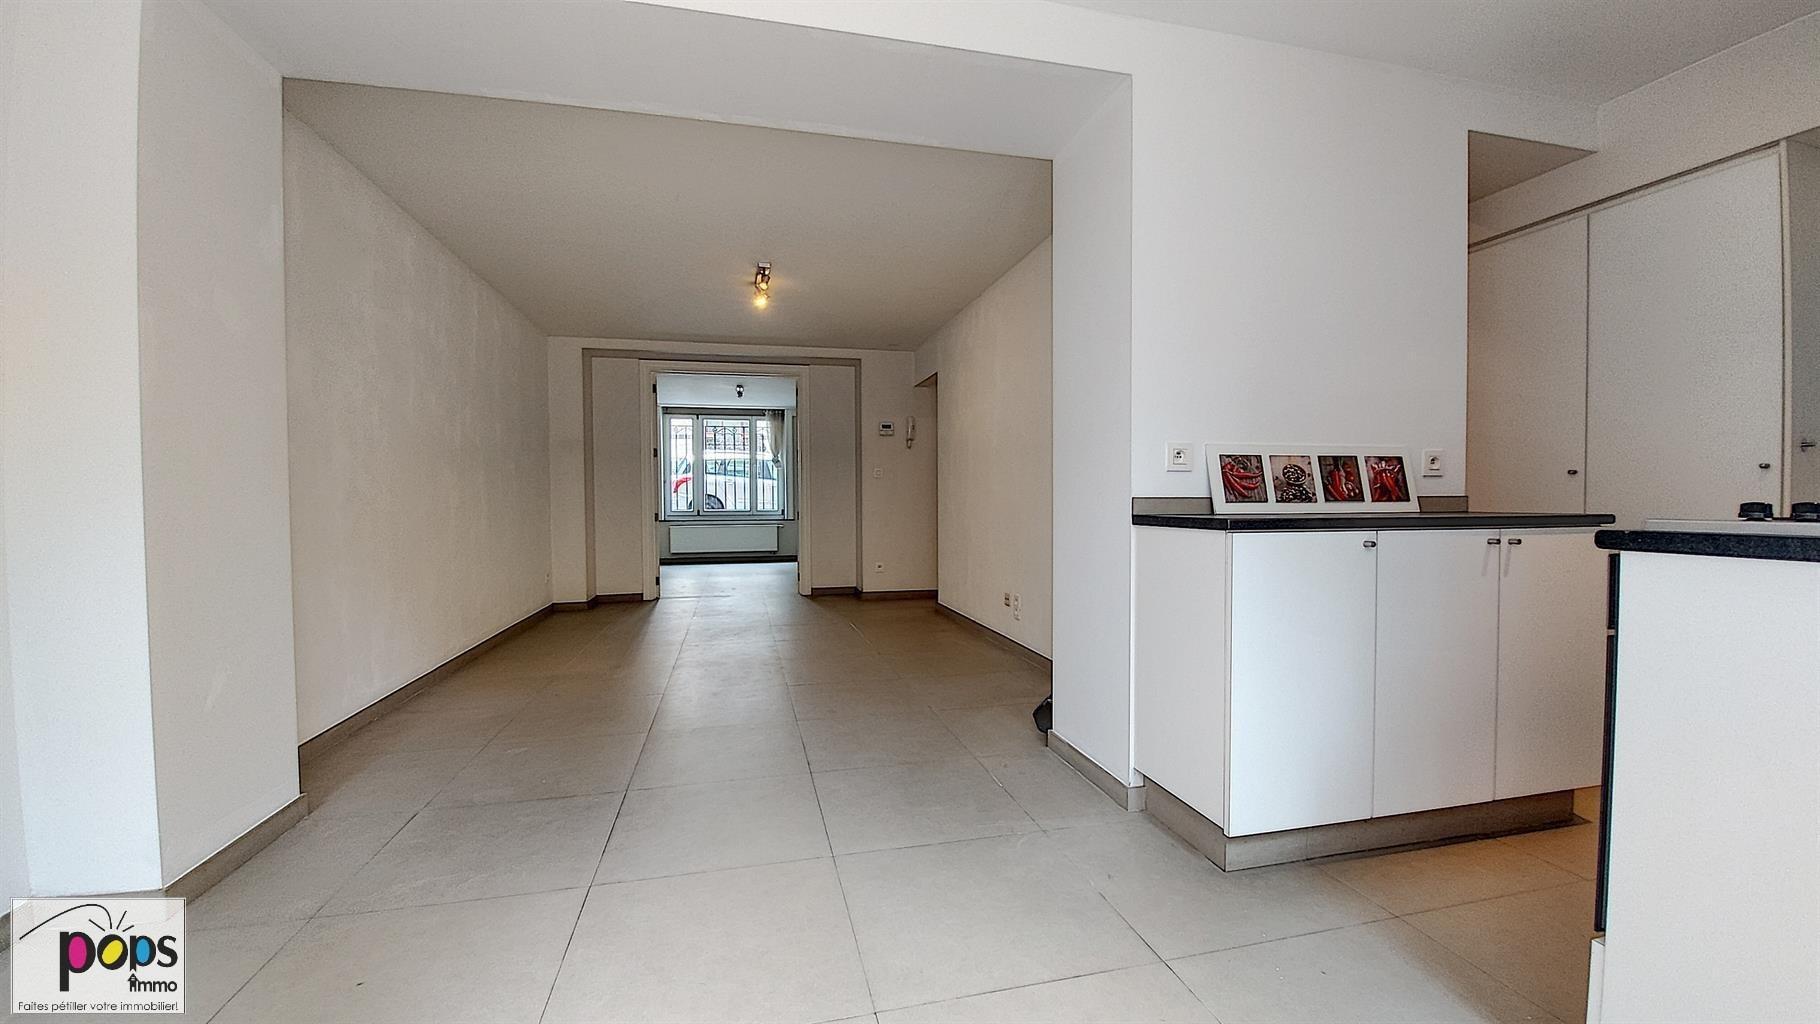 Appartement - Ixelles - #4388996-4